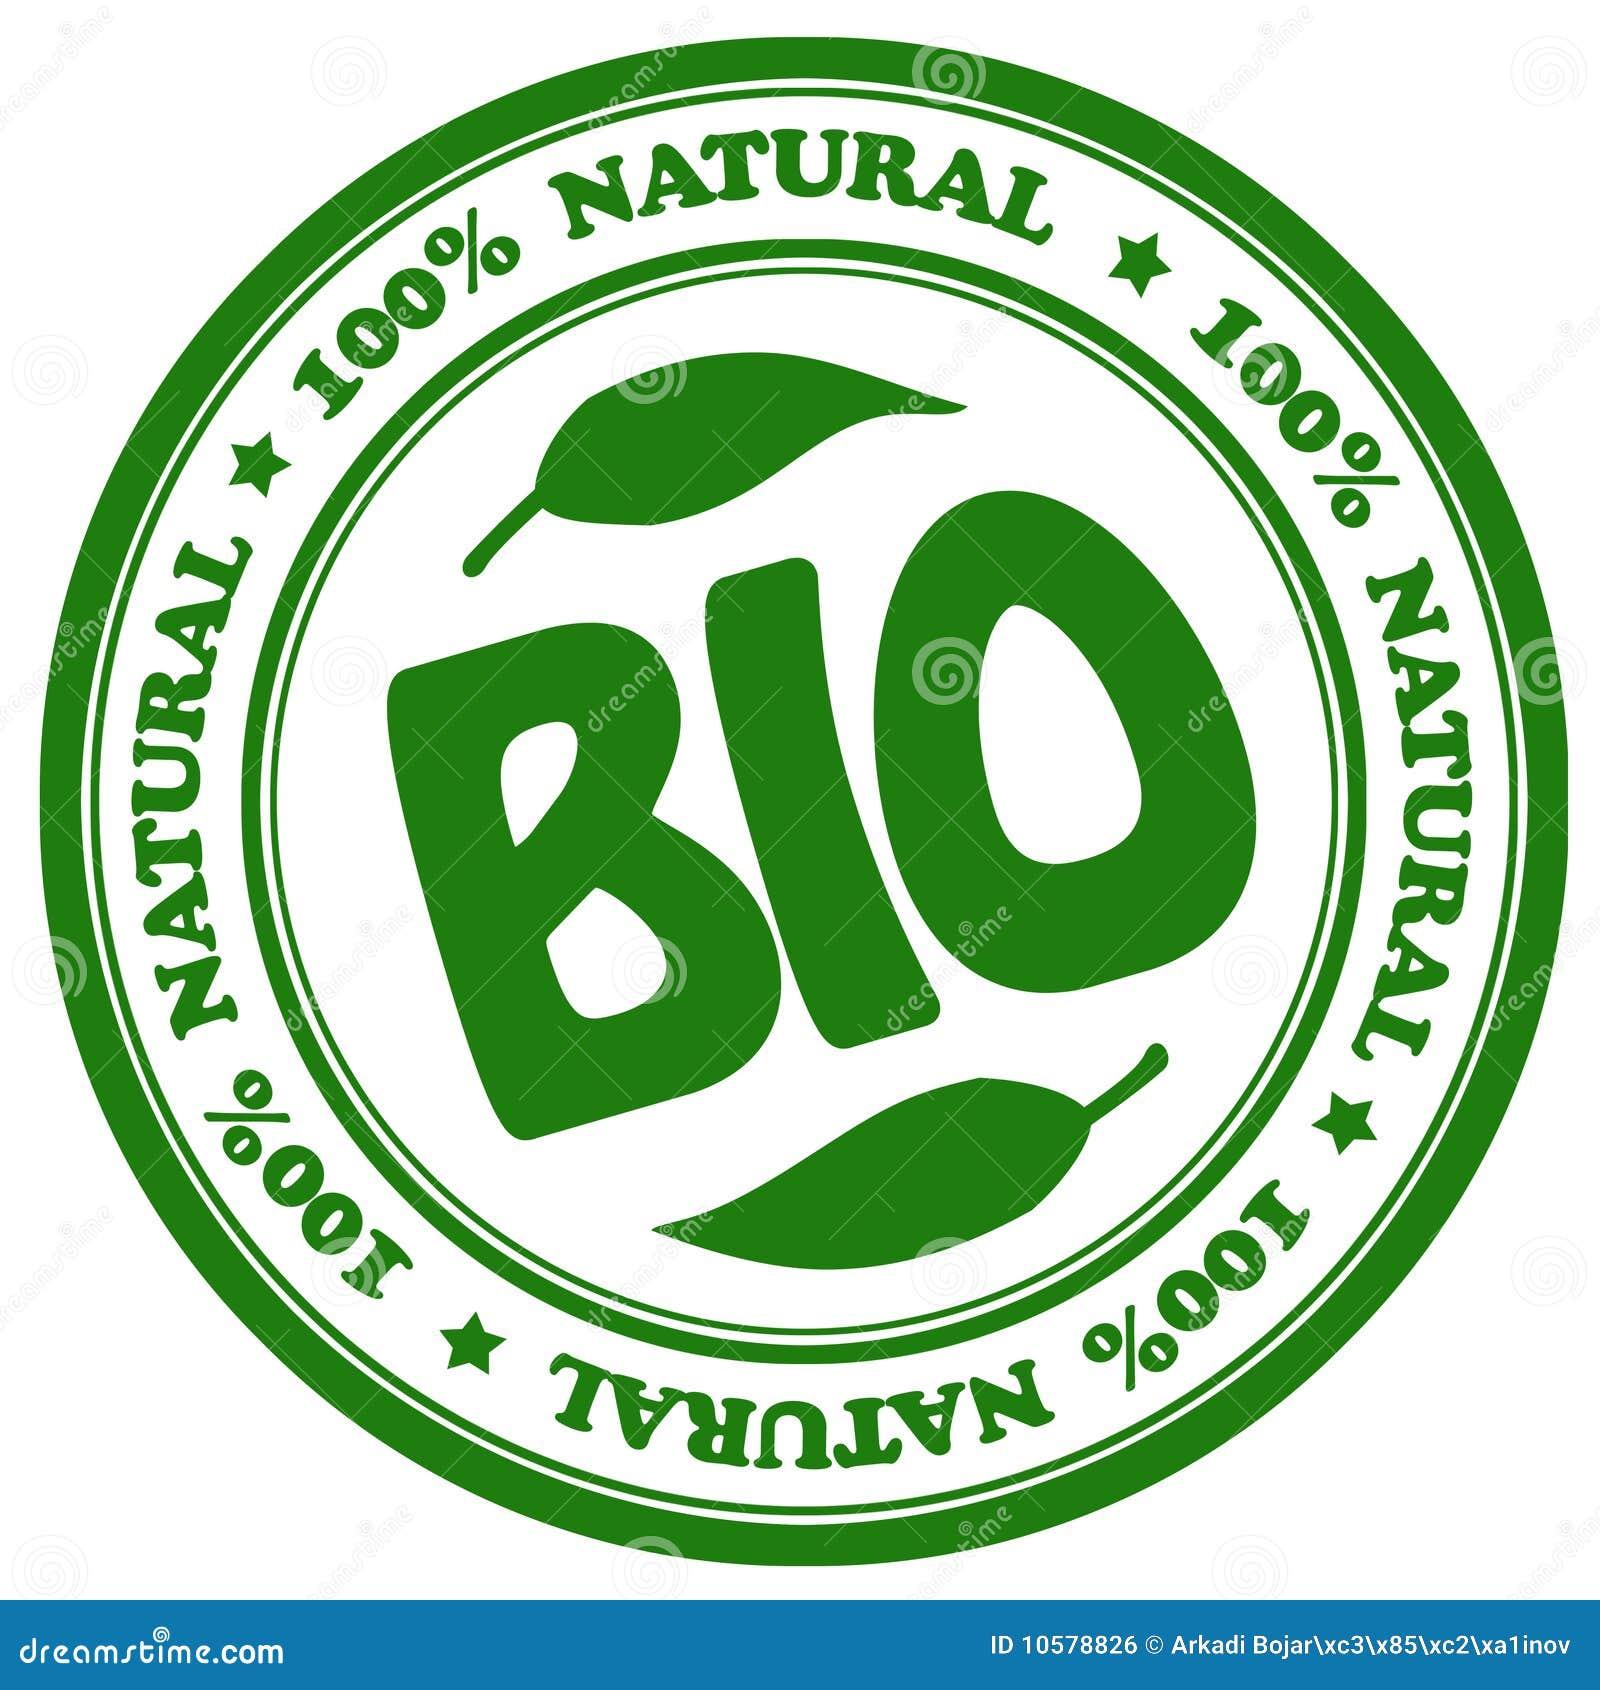 Bio Natural Stamp Royalty Free Stock Image Image 10578826